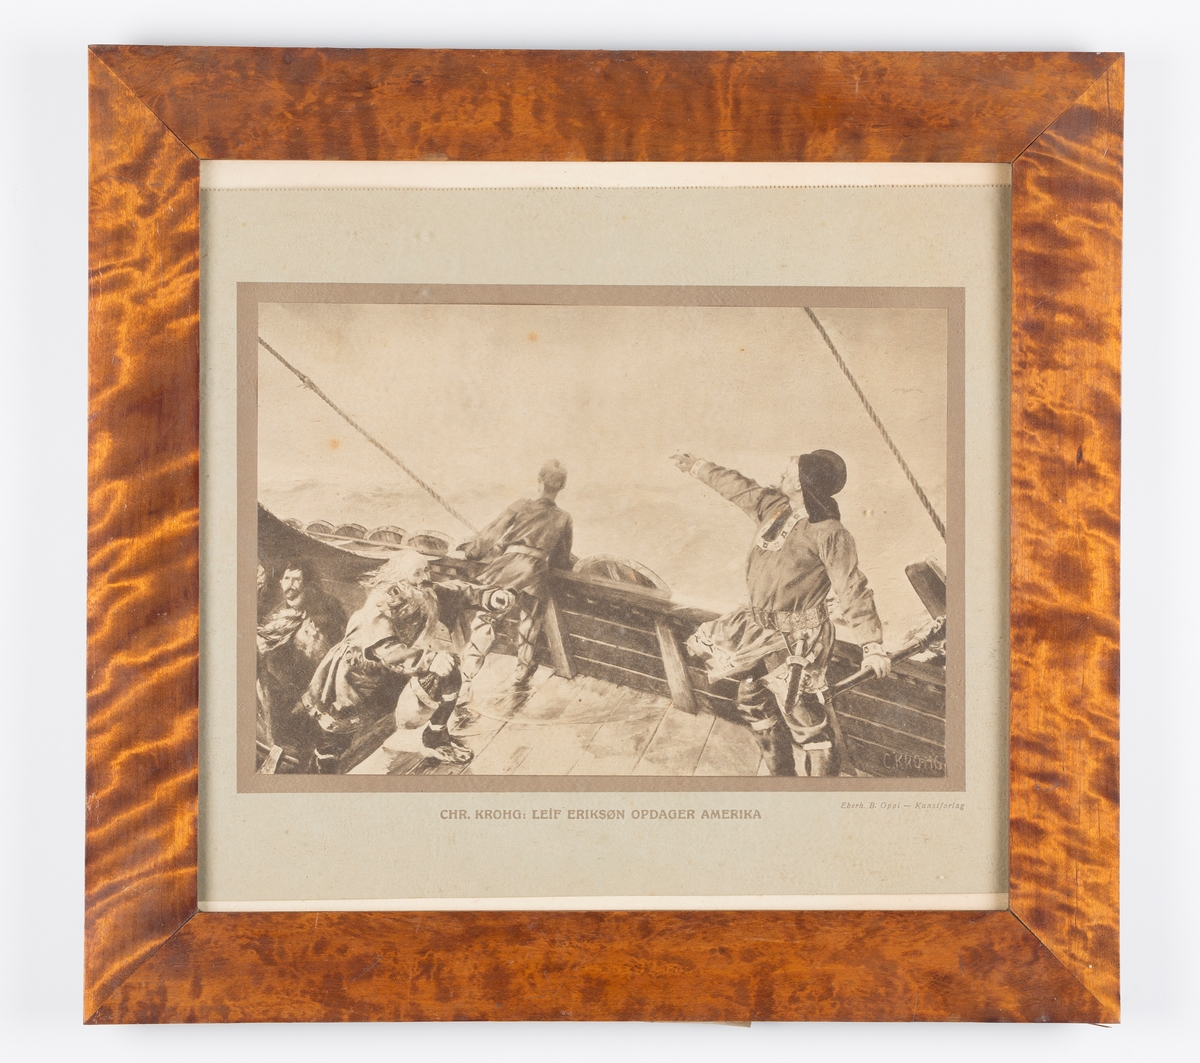 Blyanttegning i ramme. Leif Eriksøn opdager Amerika. Mahogny ramme. Tegnongen er innmontert i en paspartou